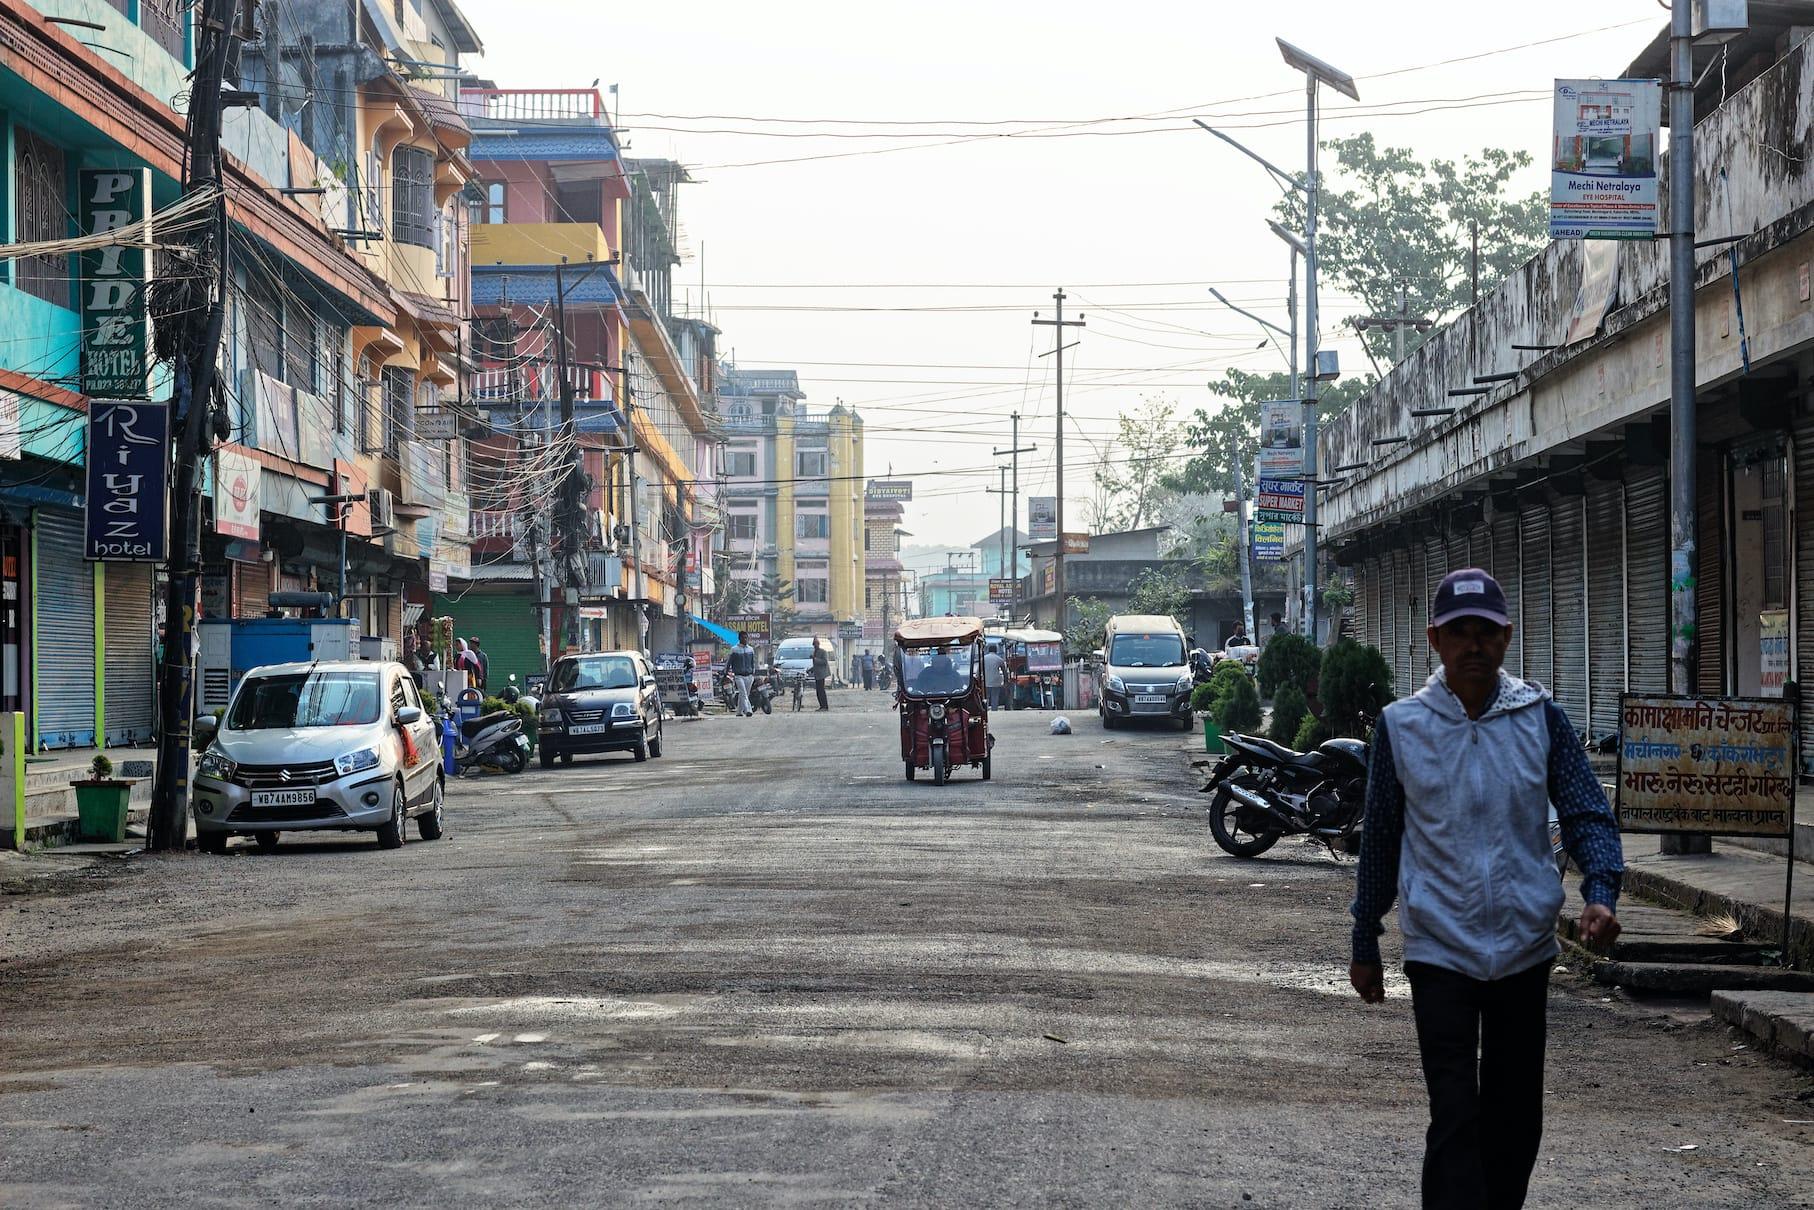 A Street in Kakarvitta Nepal